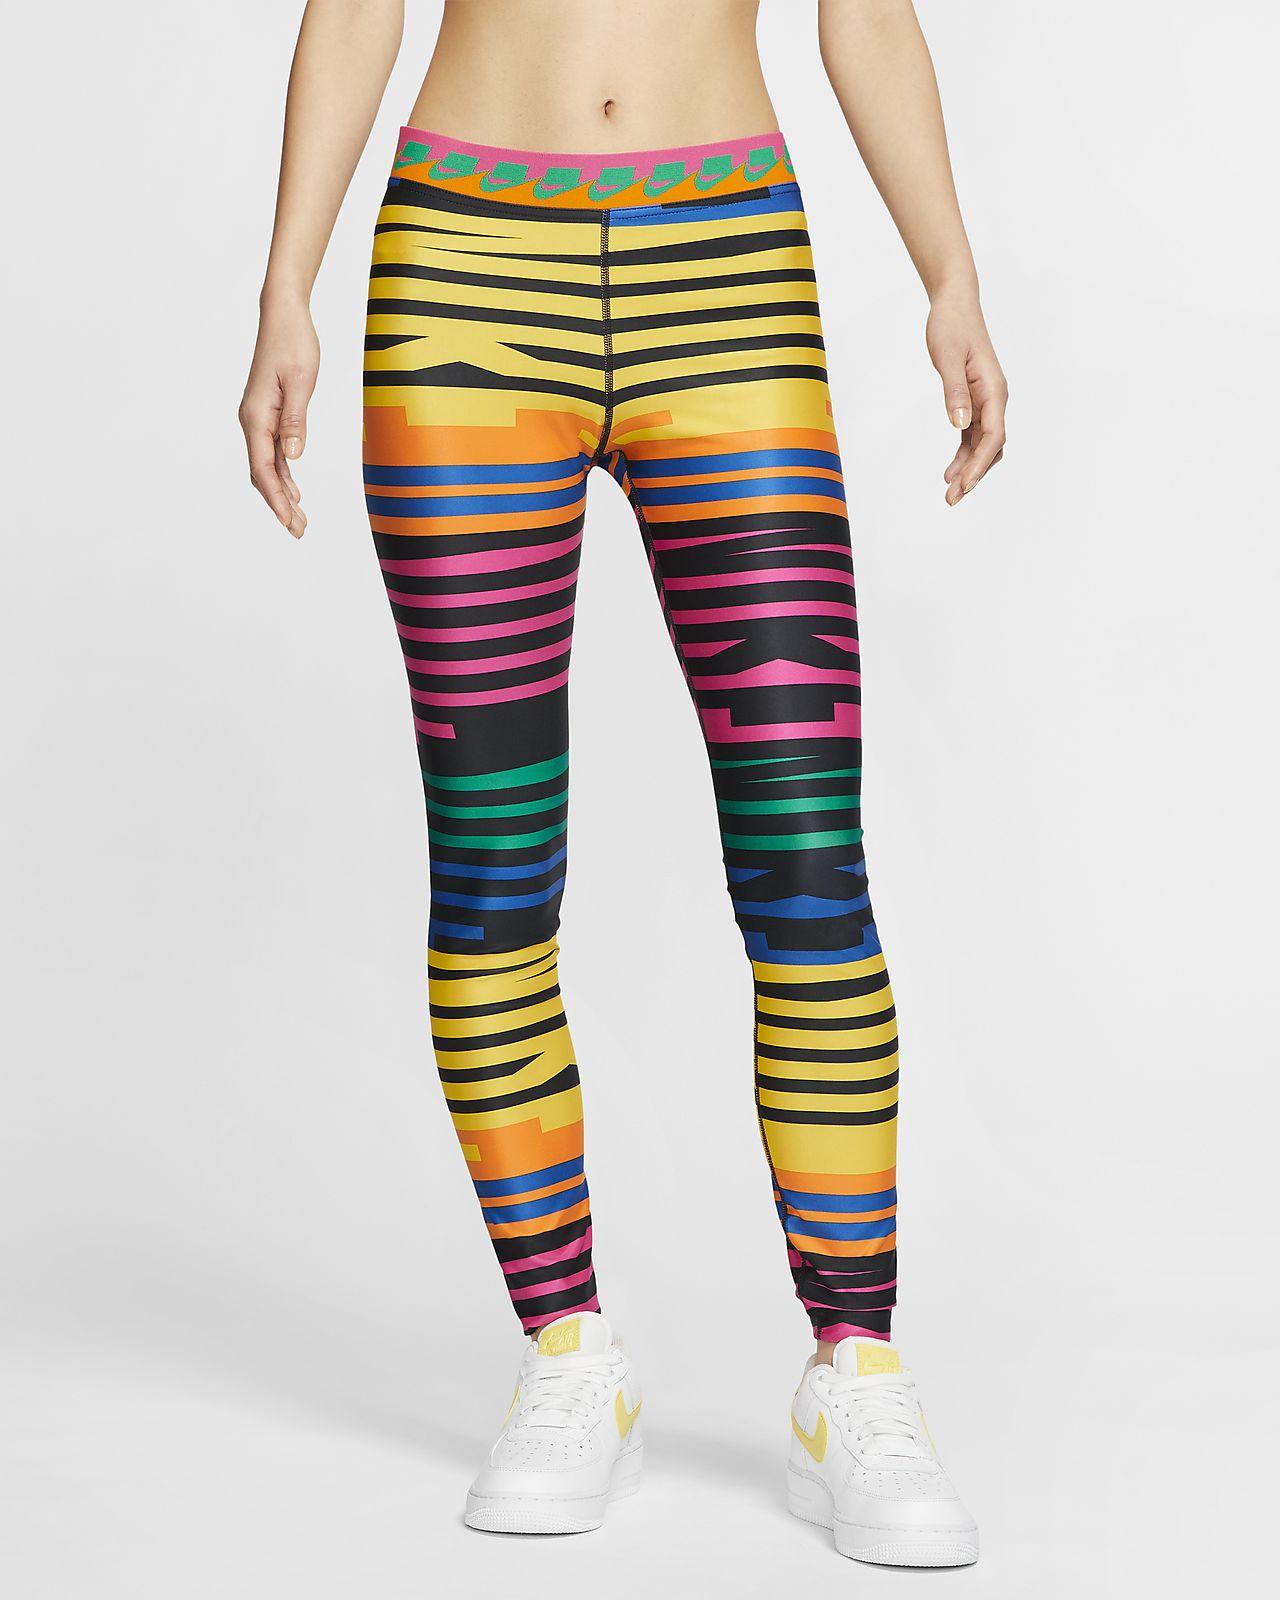 Nike Sportswear NSW Women's Printed Leggings